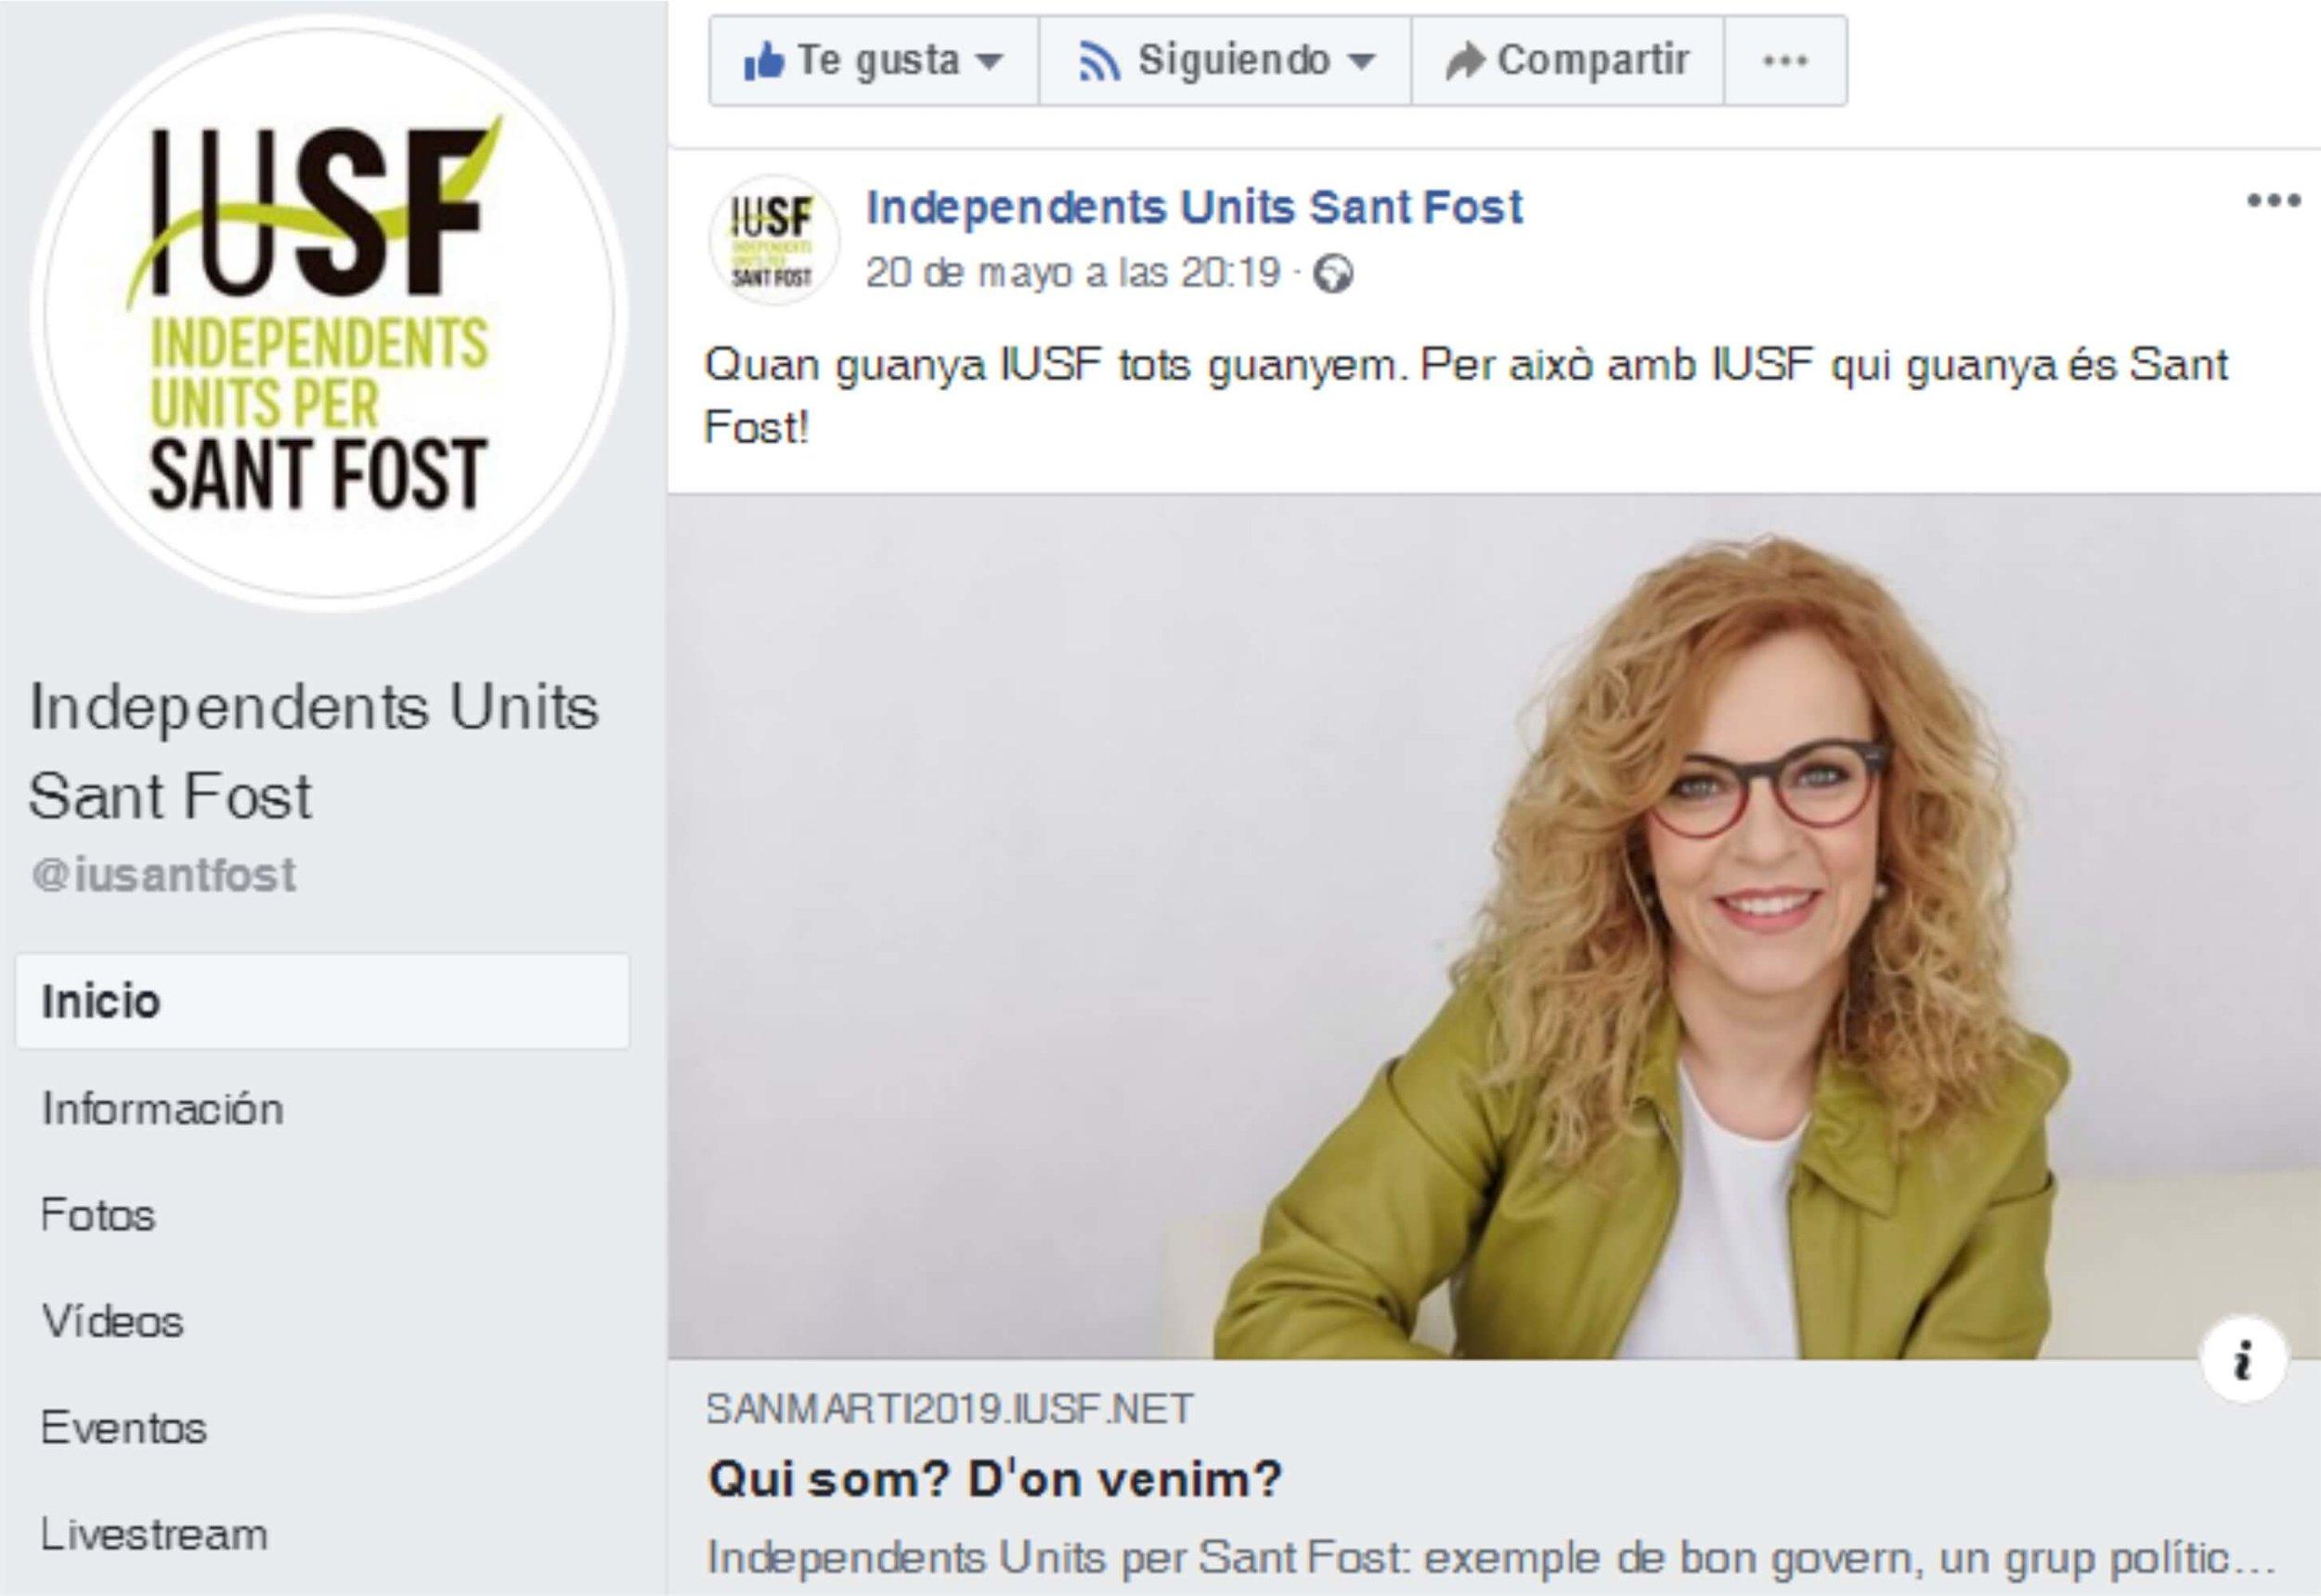 La campaña, también en redes sociales, como Facebook.